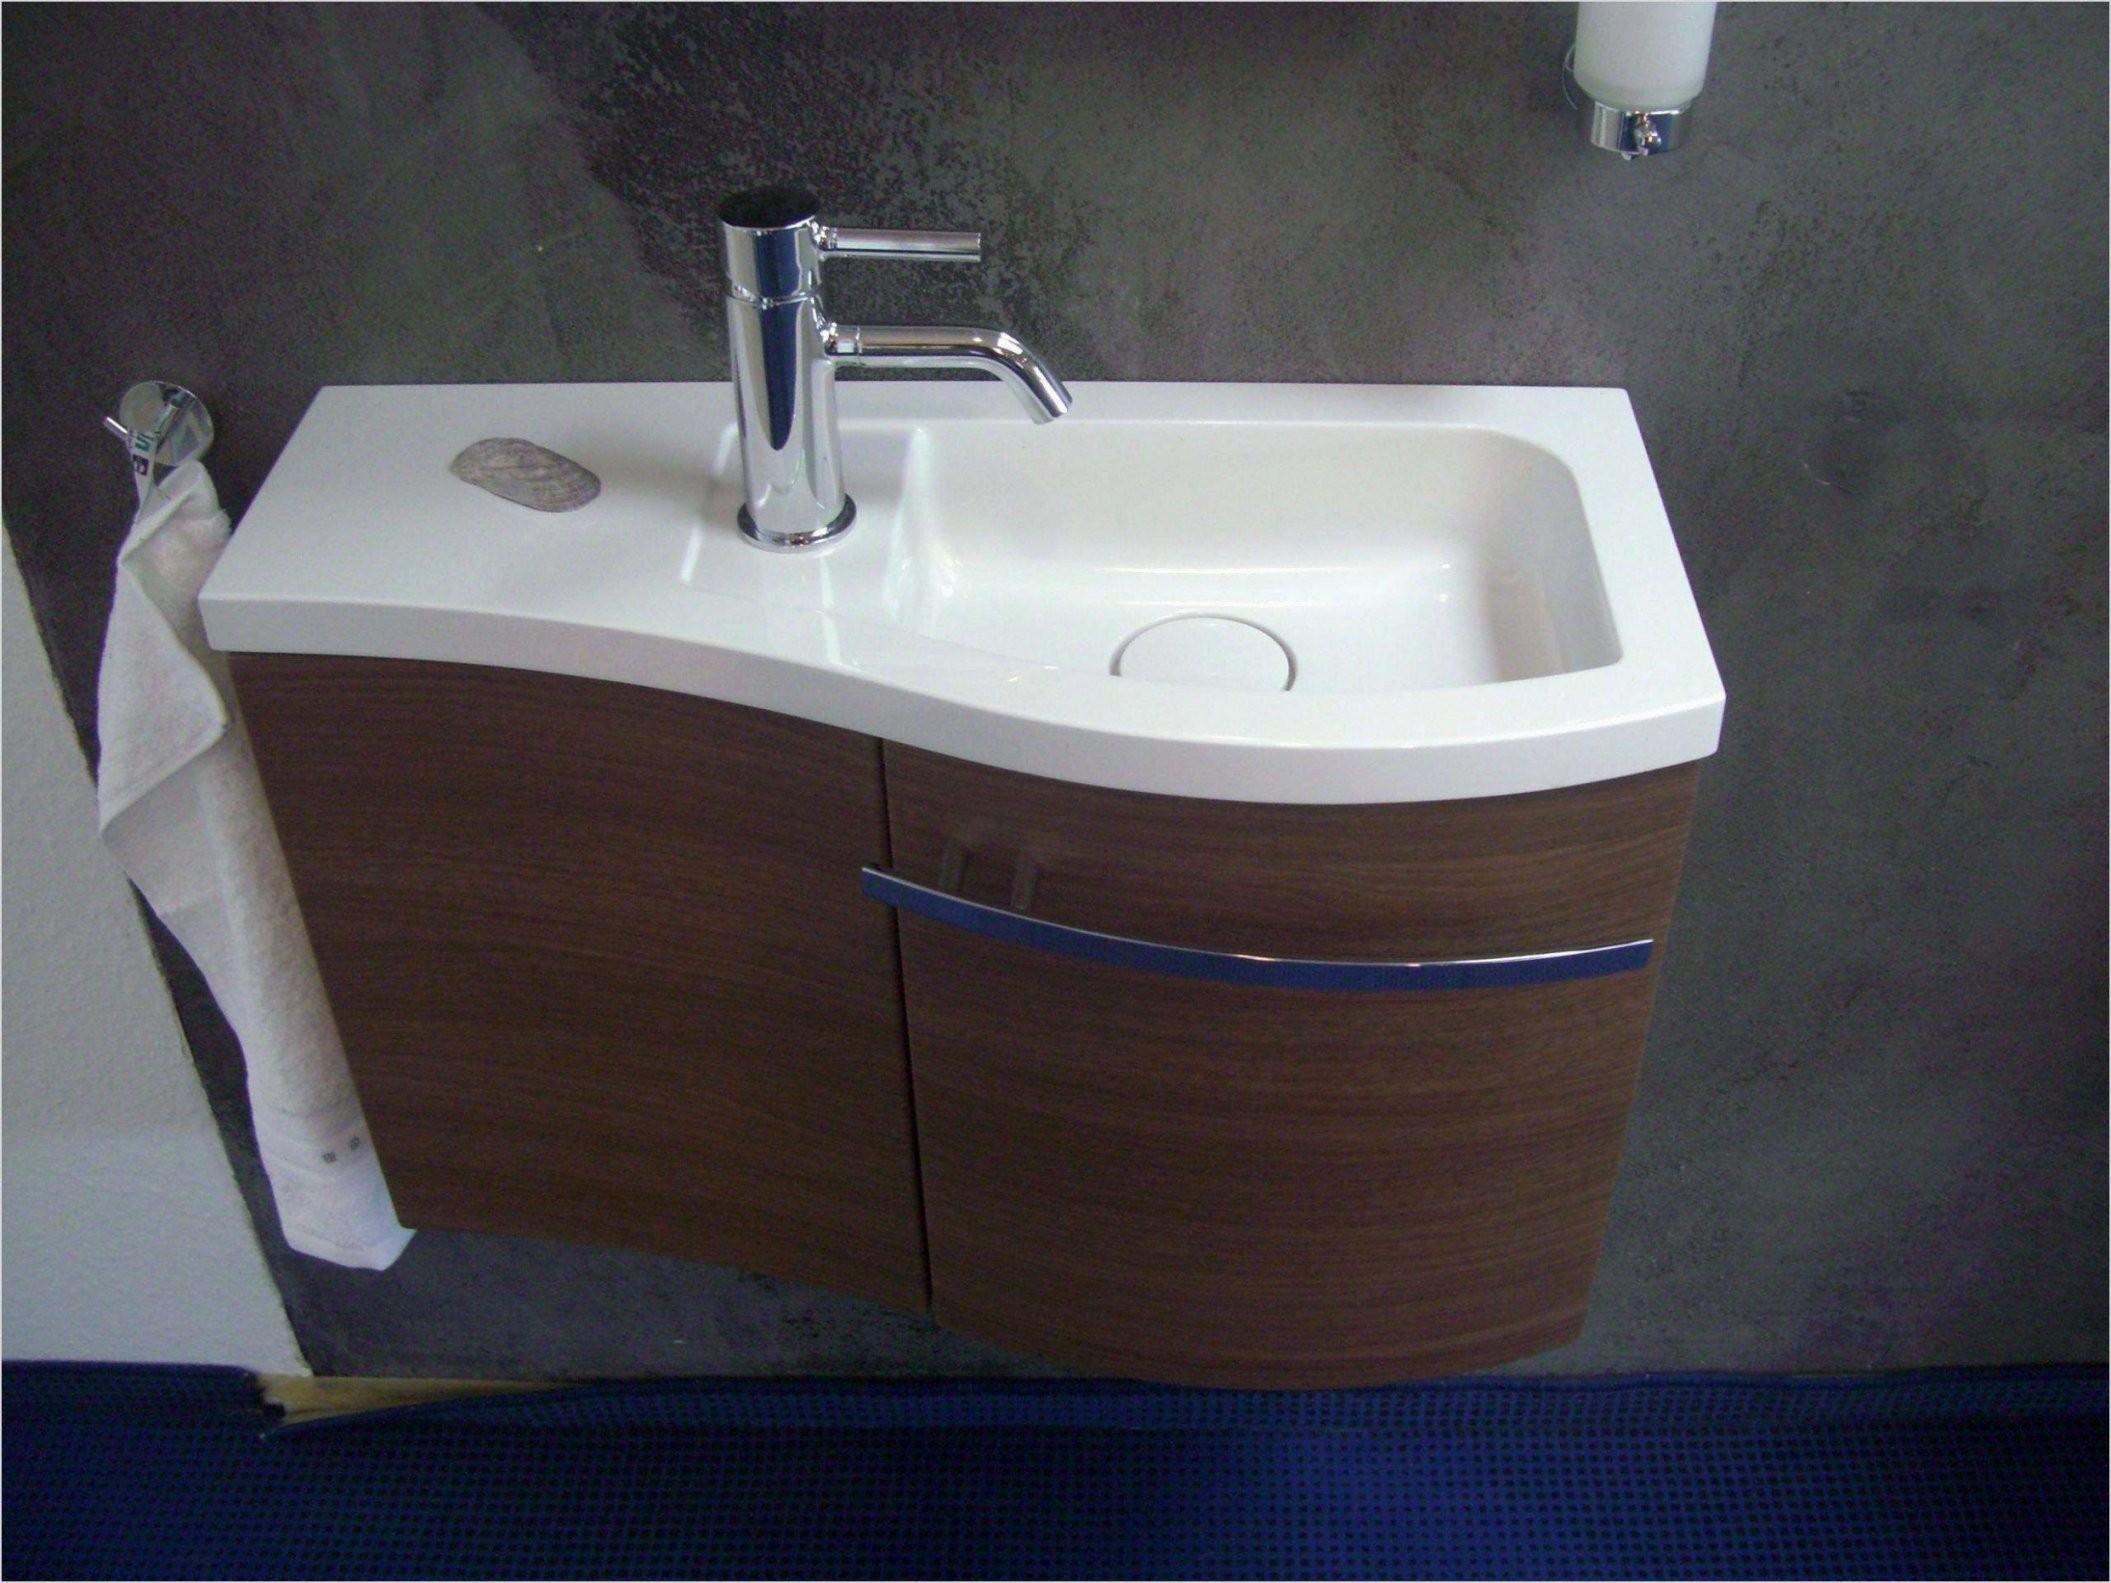 Gäste Wc Waschbecken Mit Unterschrank Weiß Frisch 47 Skizze von Kleine Waschbecken Für Gäste Wc Bild